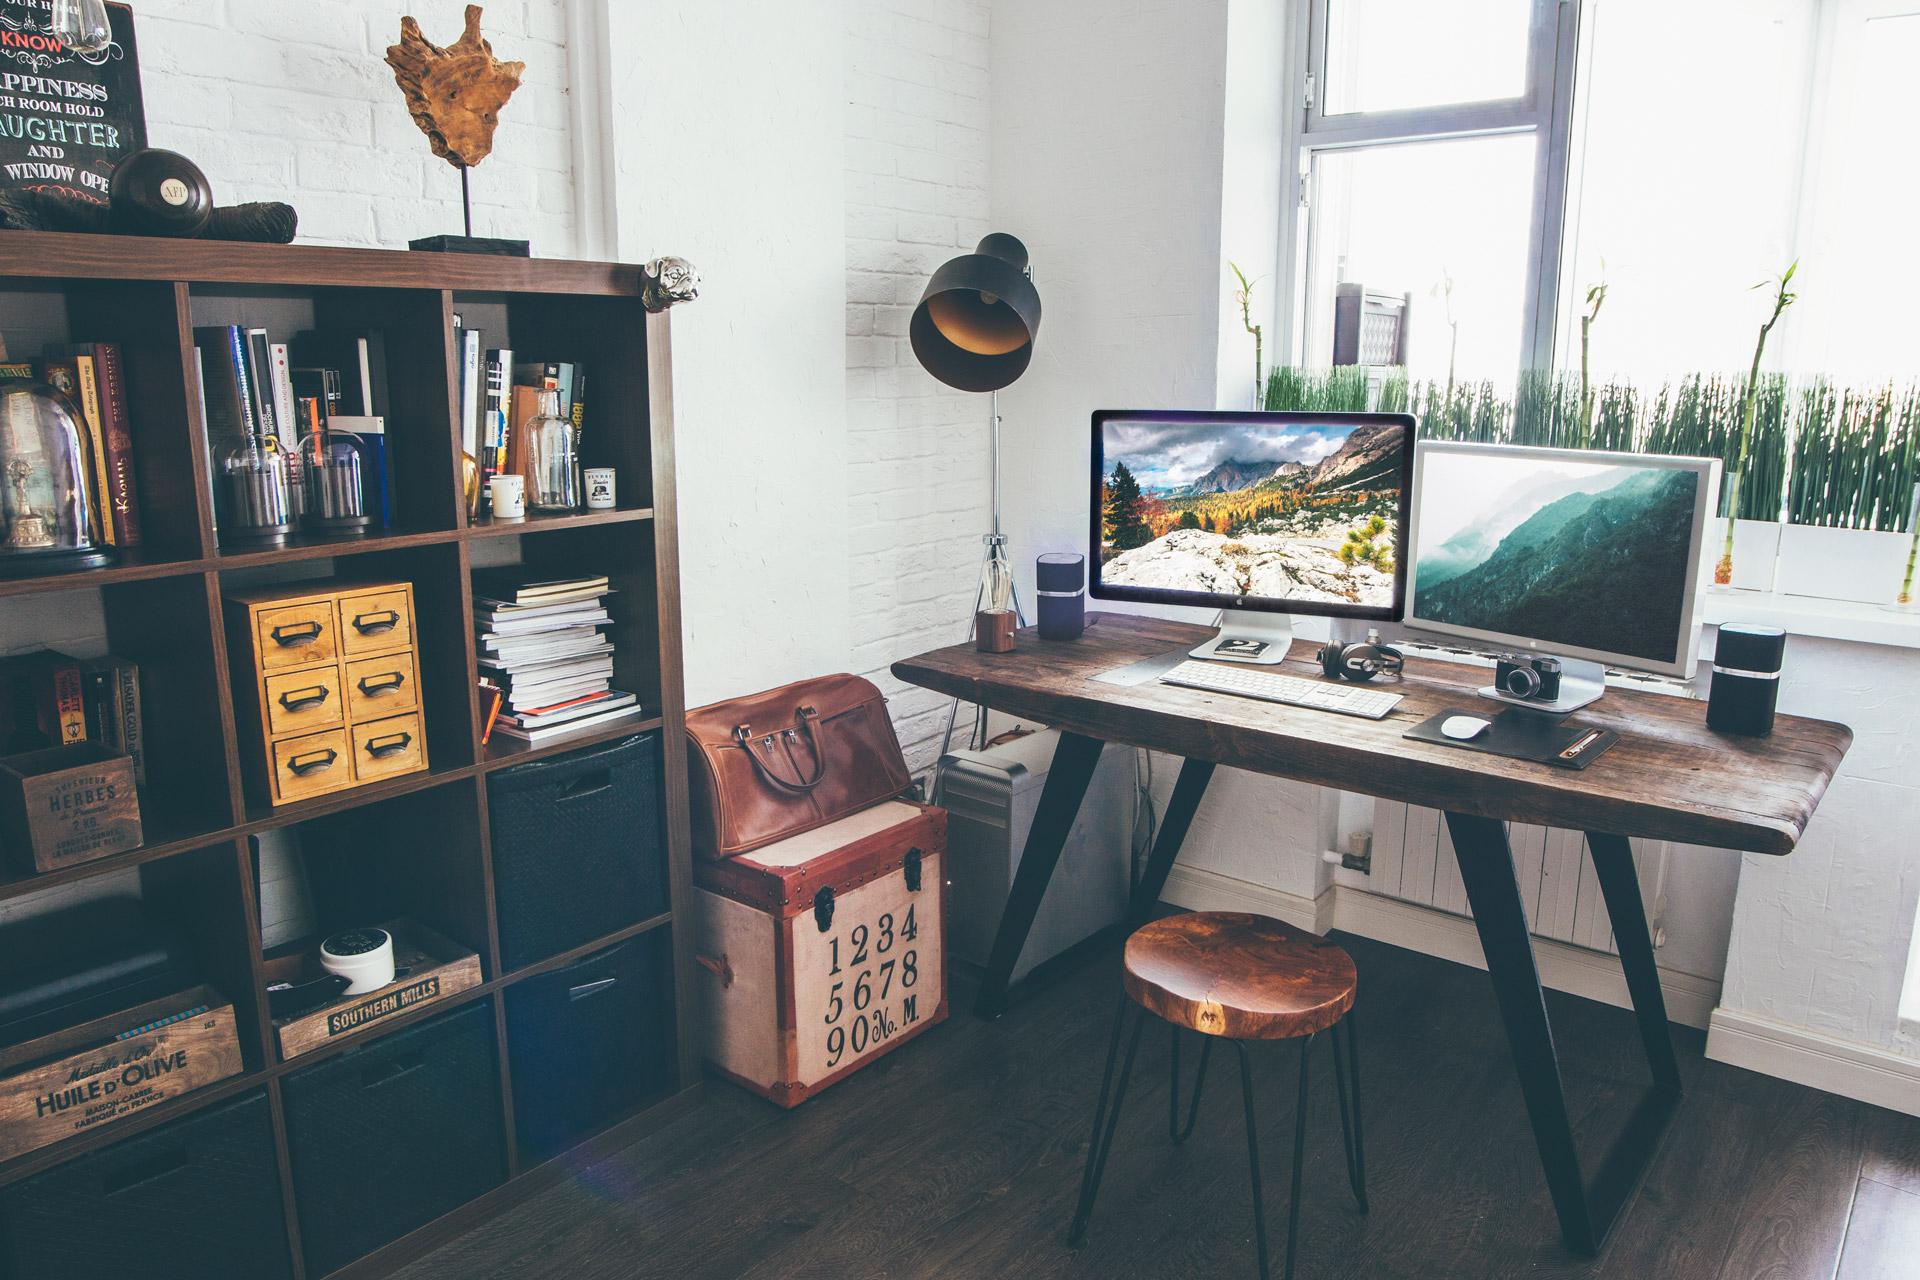 电脑,办公,商务,工作室,IT